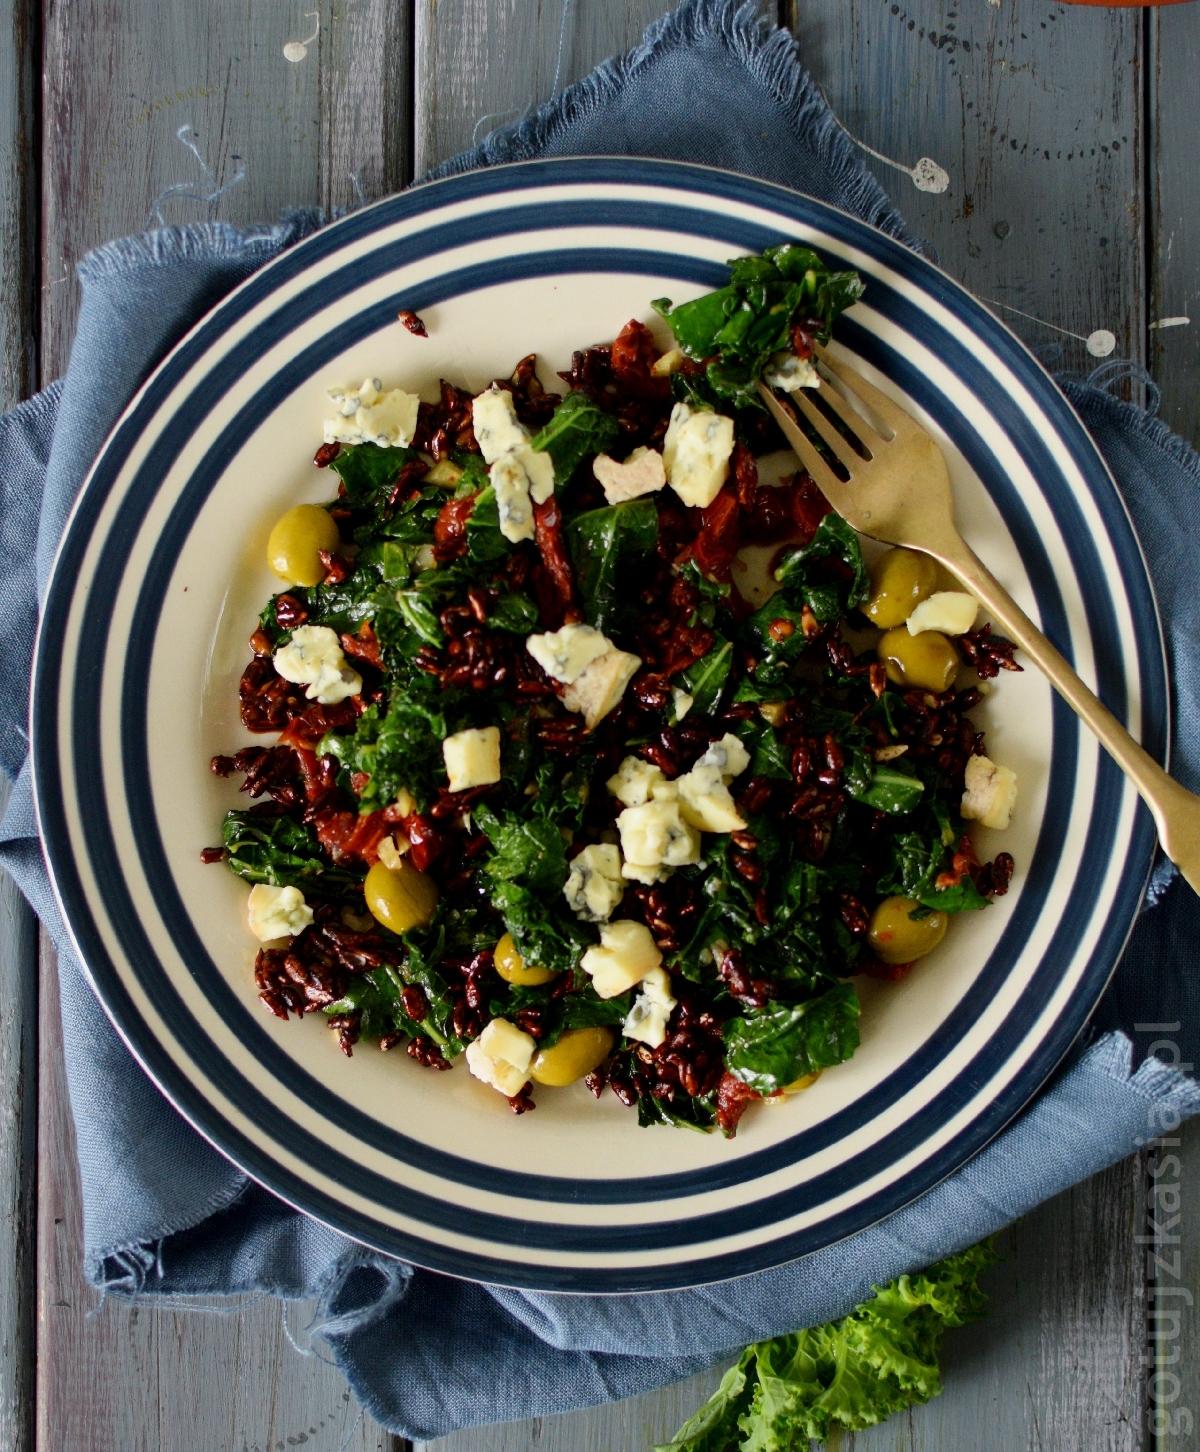 salatka z jarmuzem 4